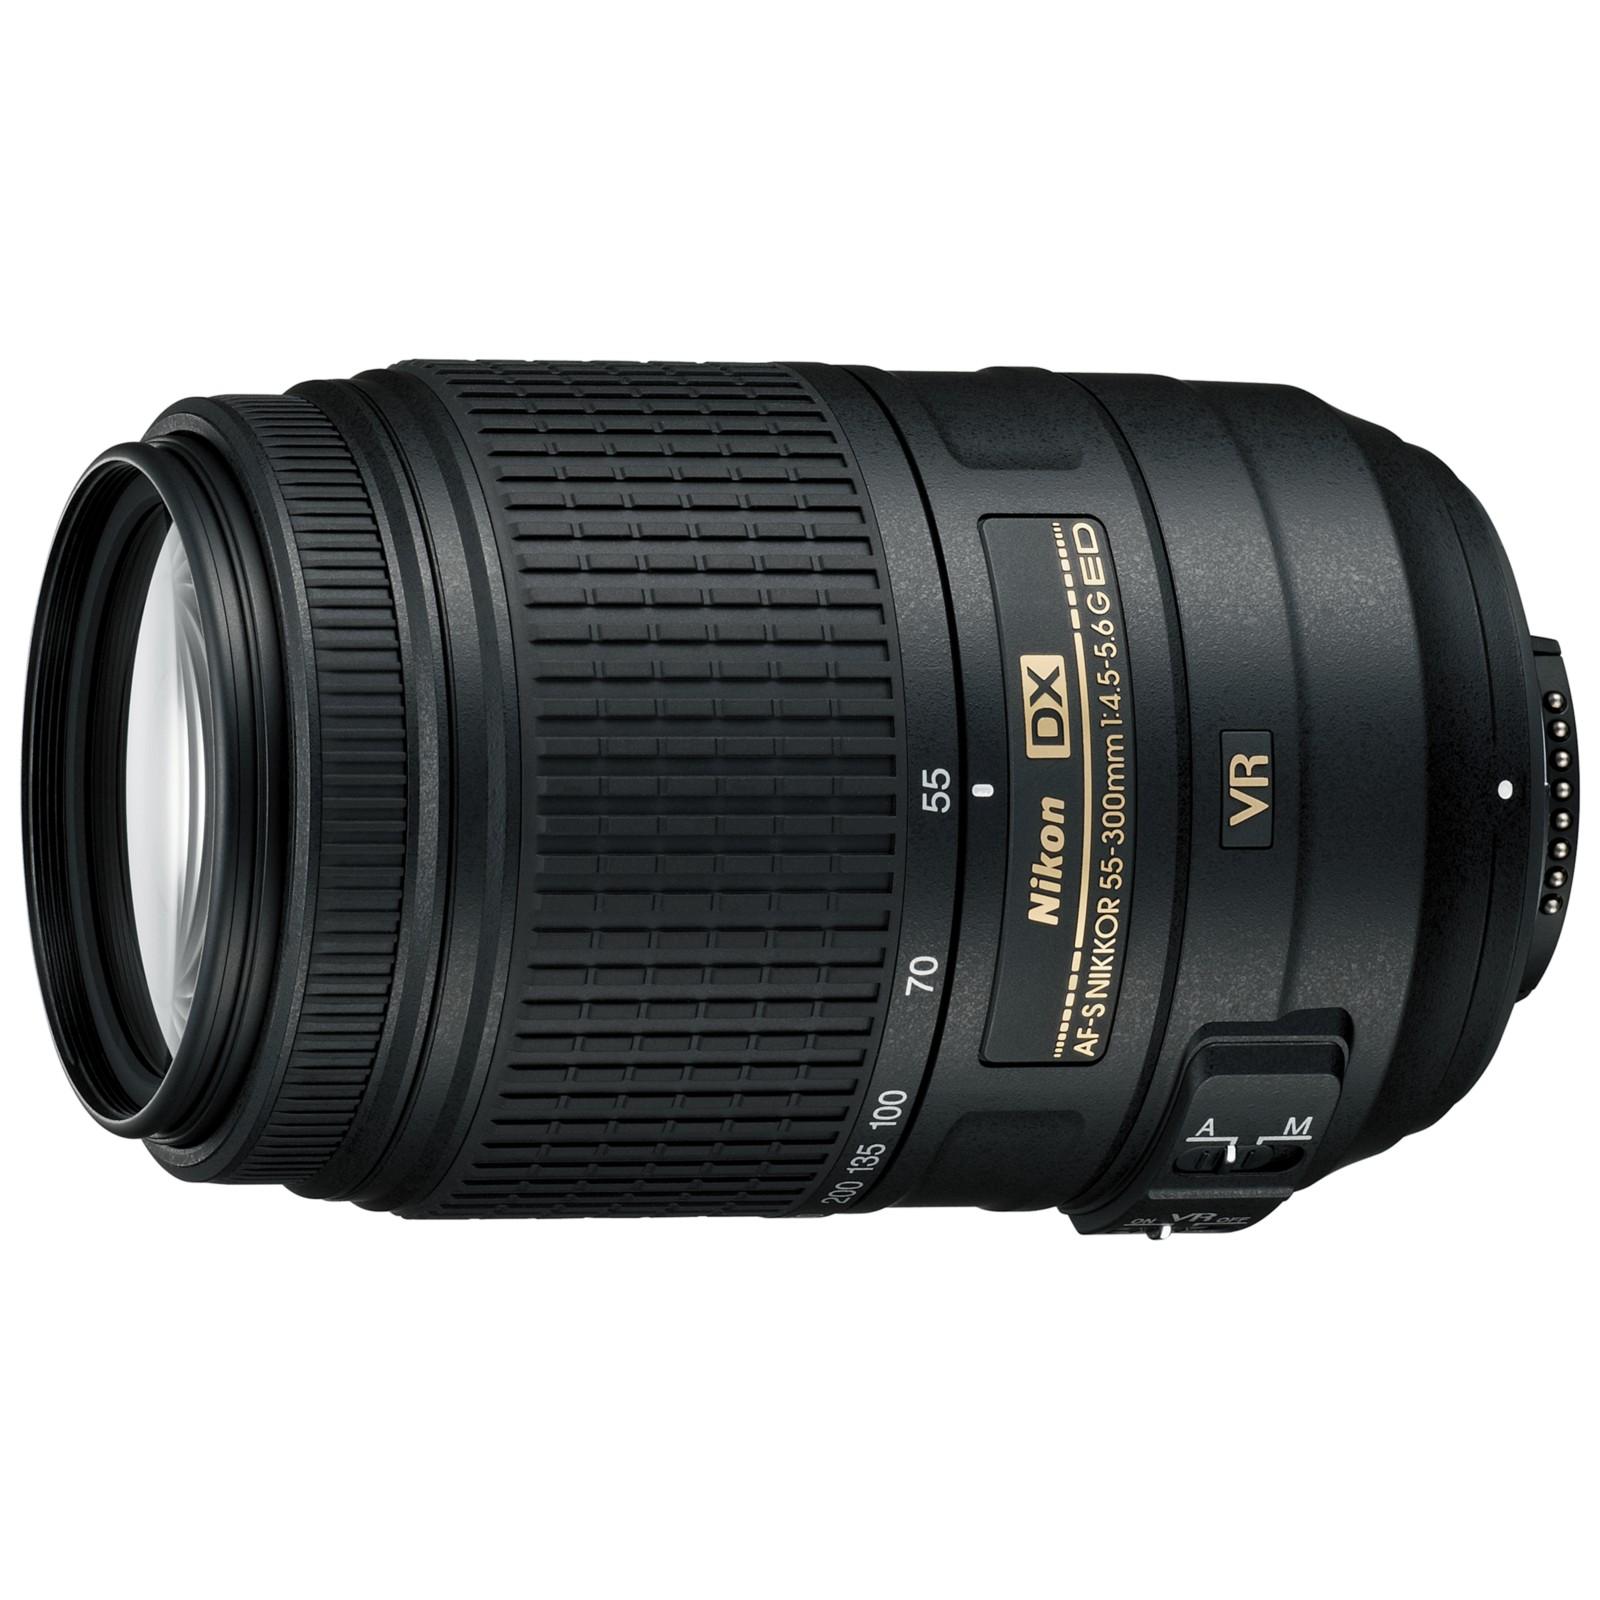 Nikon DX 55-300mm f/4.5-5.6G ED VR AF-S Telephoto Lens